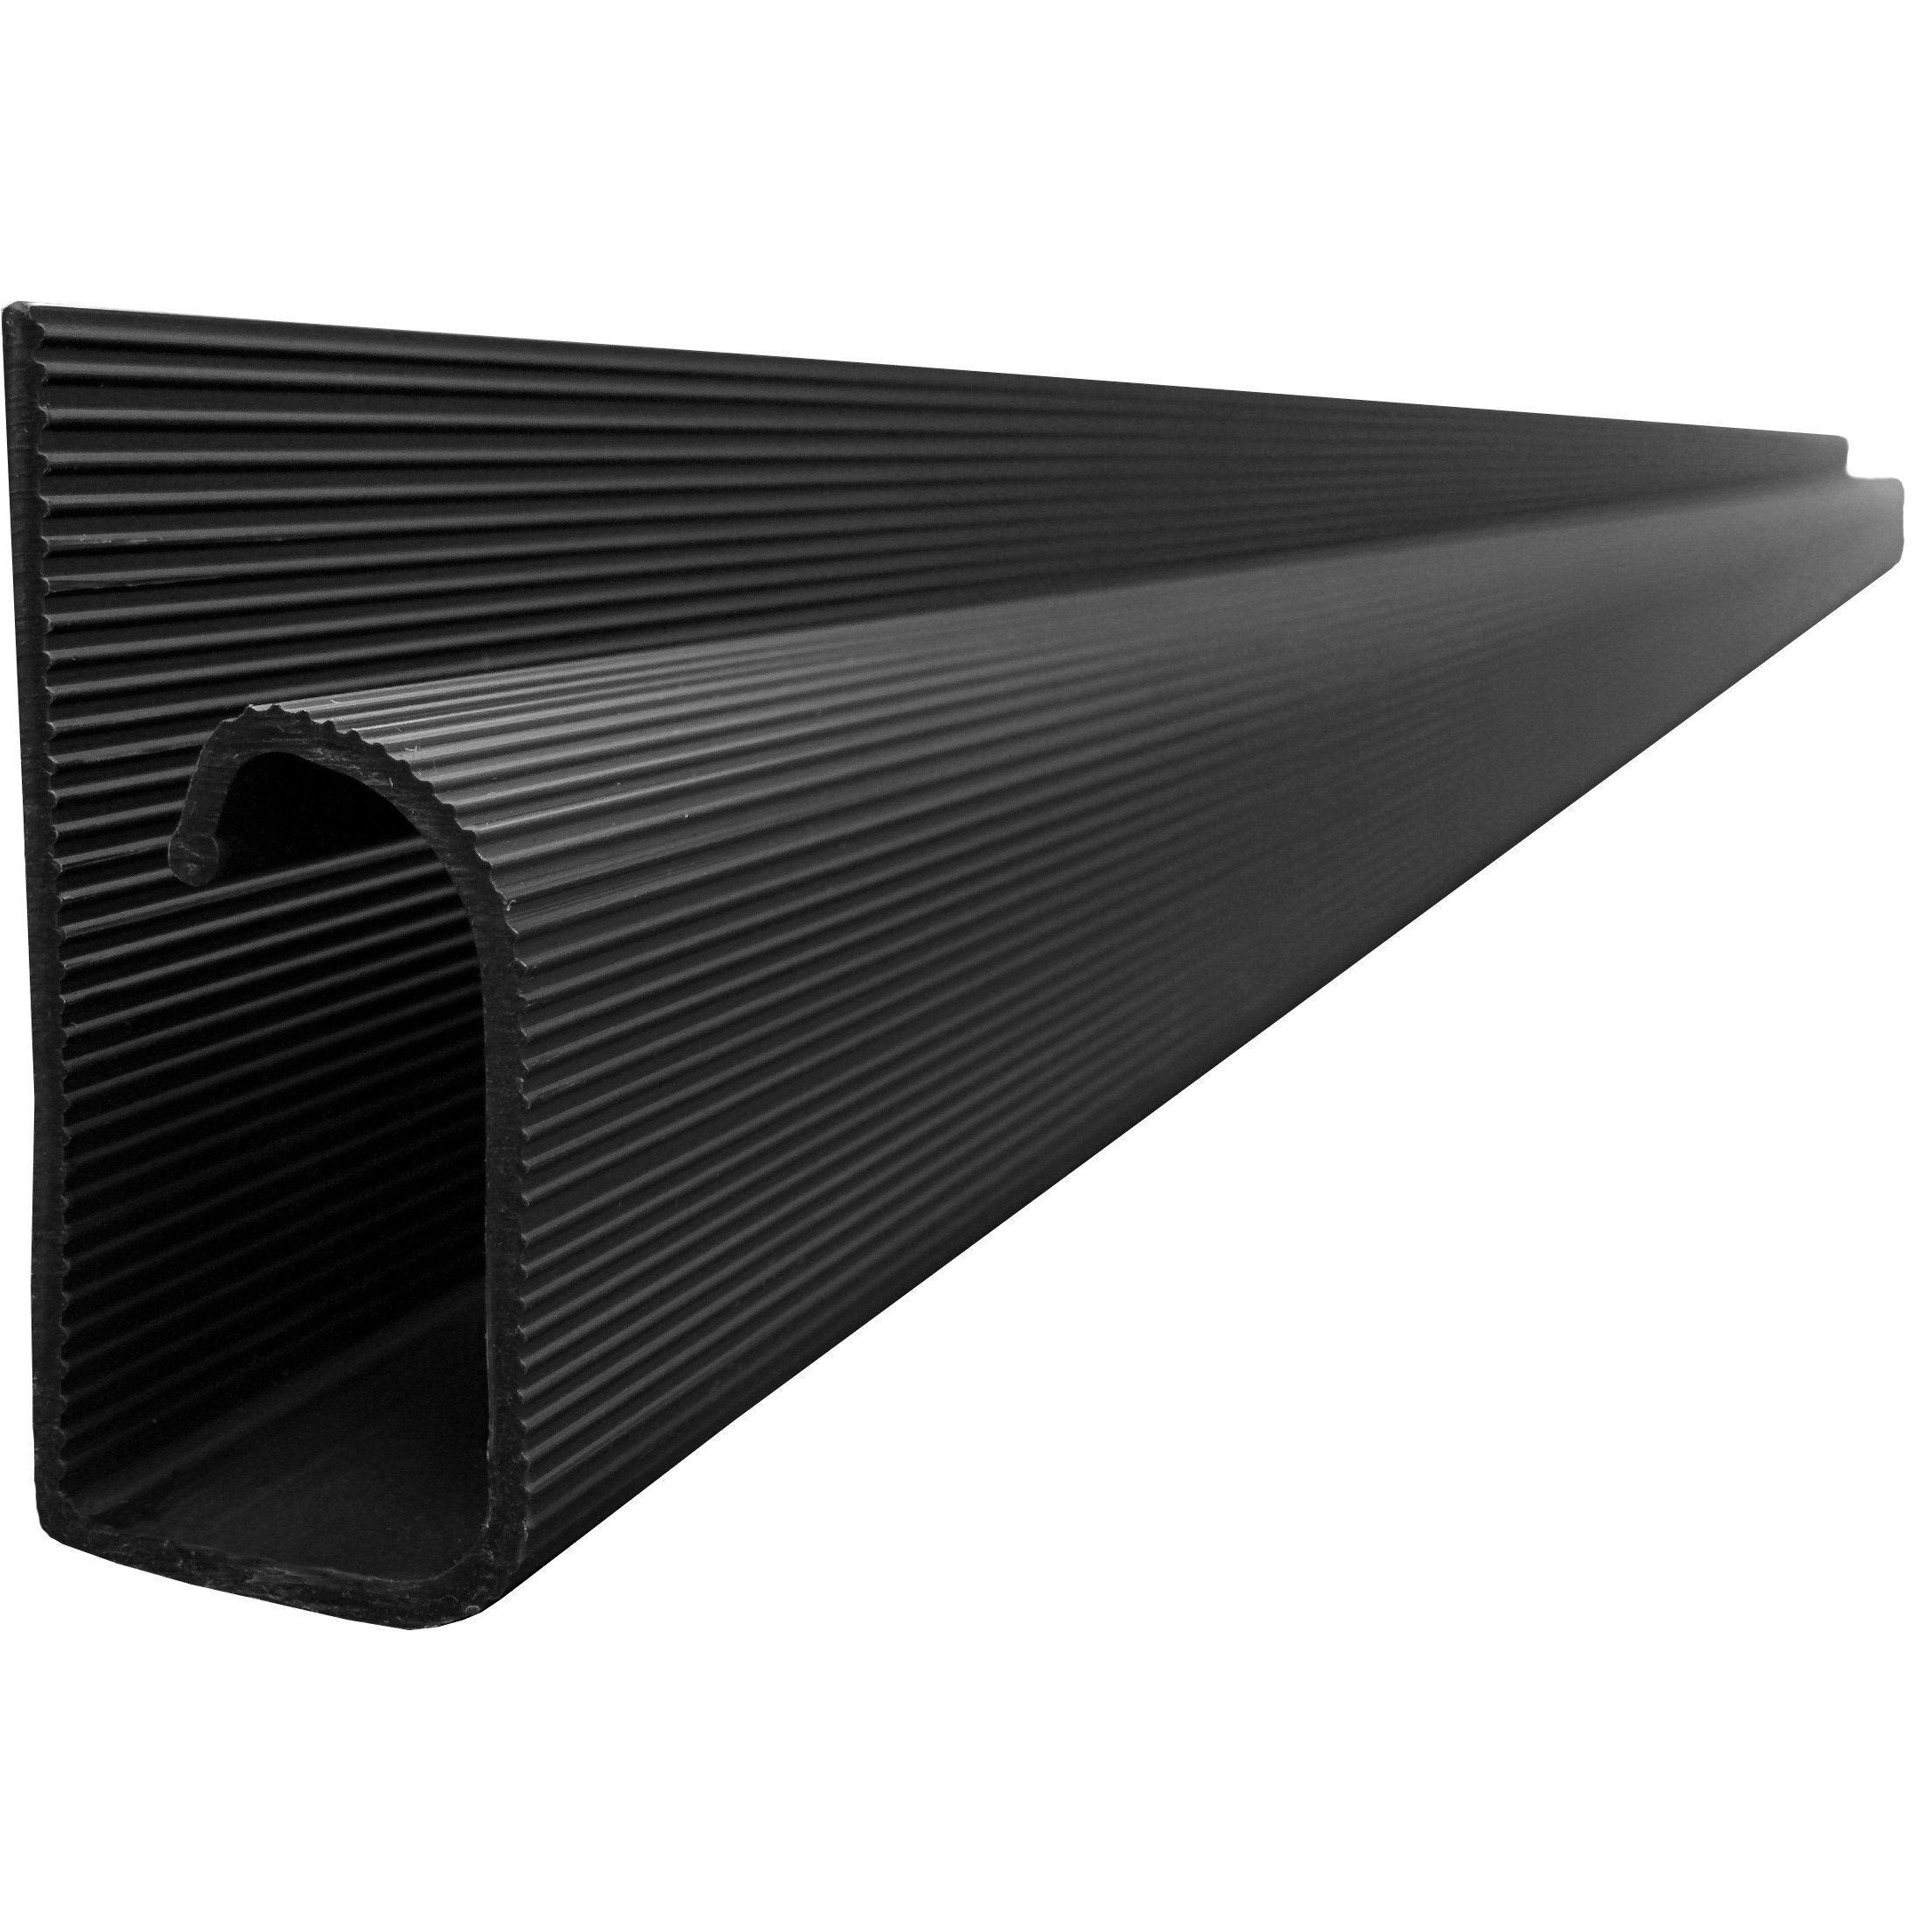 Amazon Com J Channel Cable Raceway Black 48 Length Electronics Cord Organization Cord Management Hide Cables